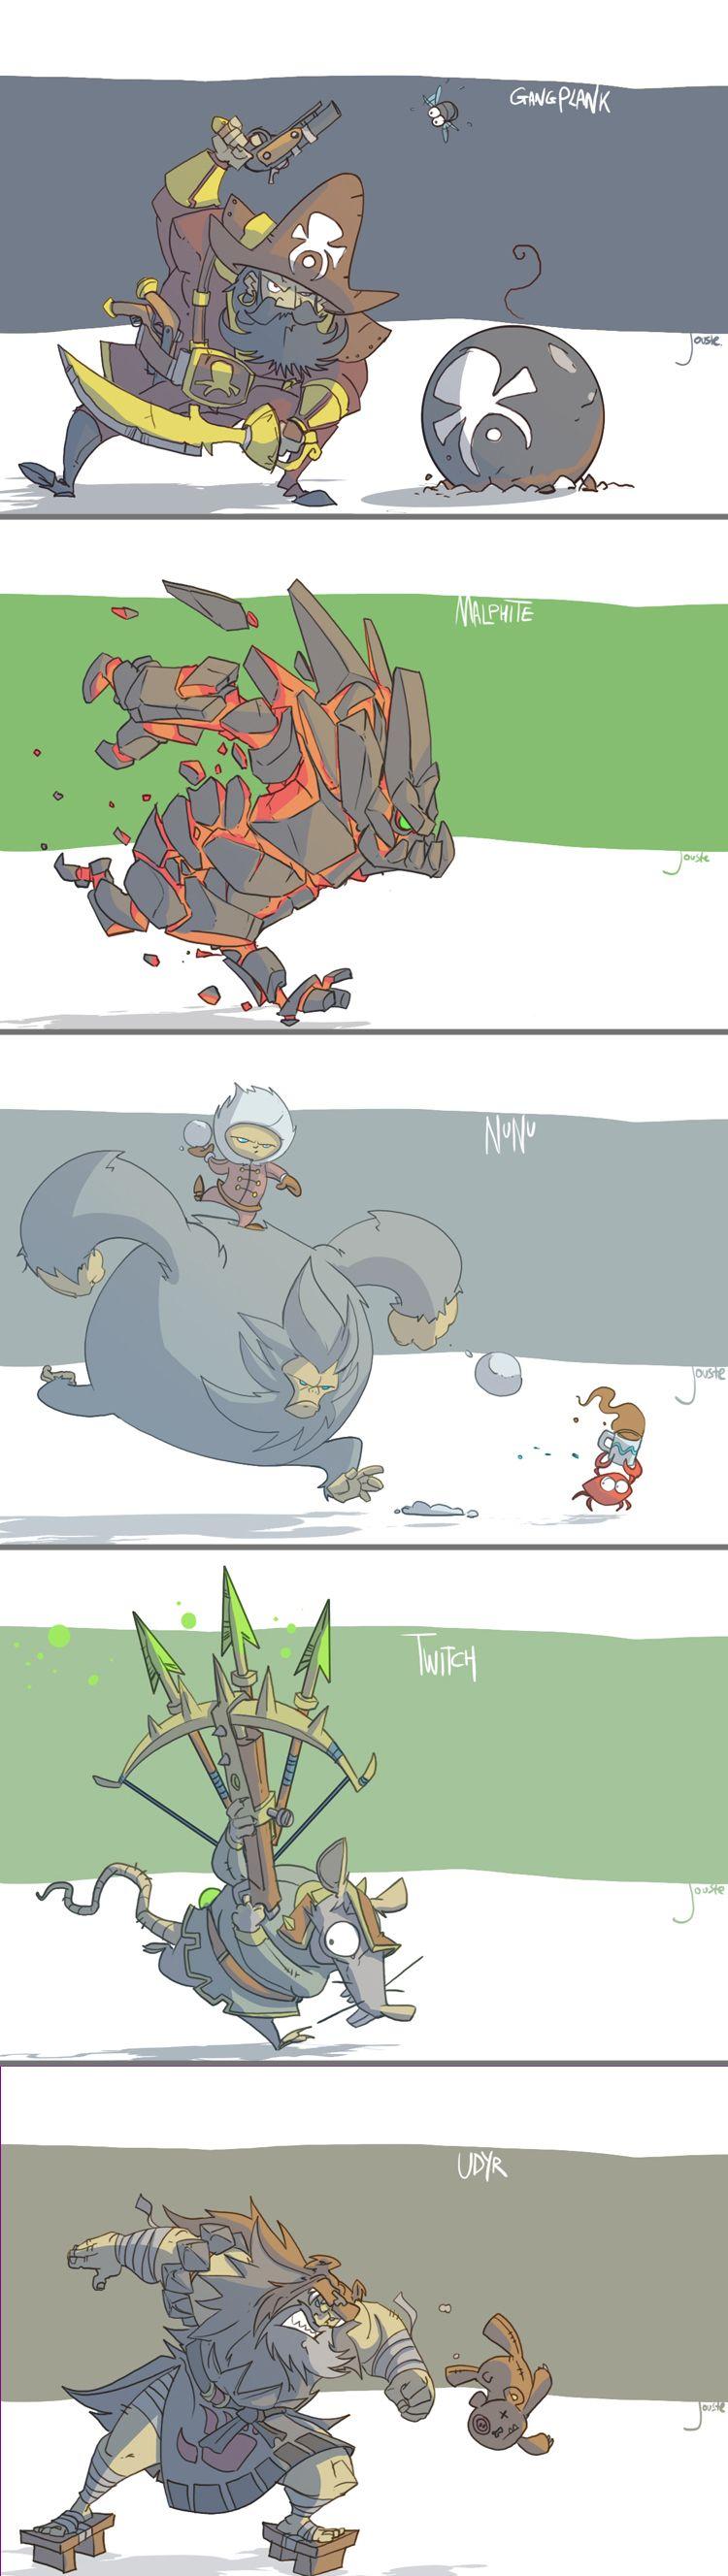 Gp Malphite Nunu Twitch Udyr By Jouste Lol League Of Legends League Of Legends Memes Character Design